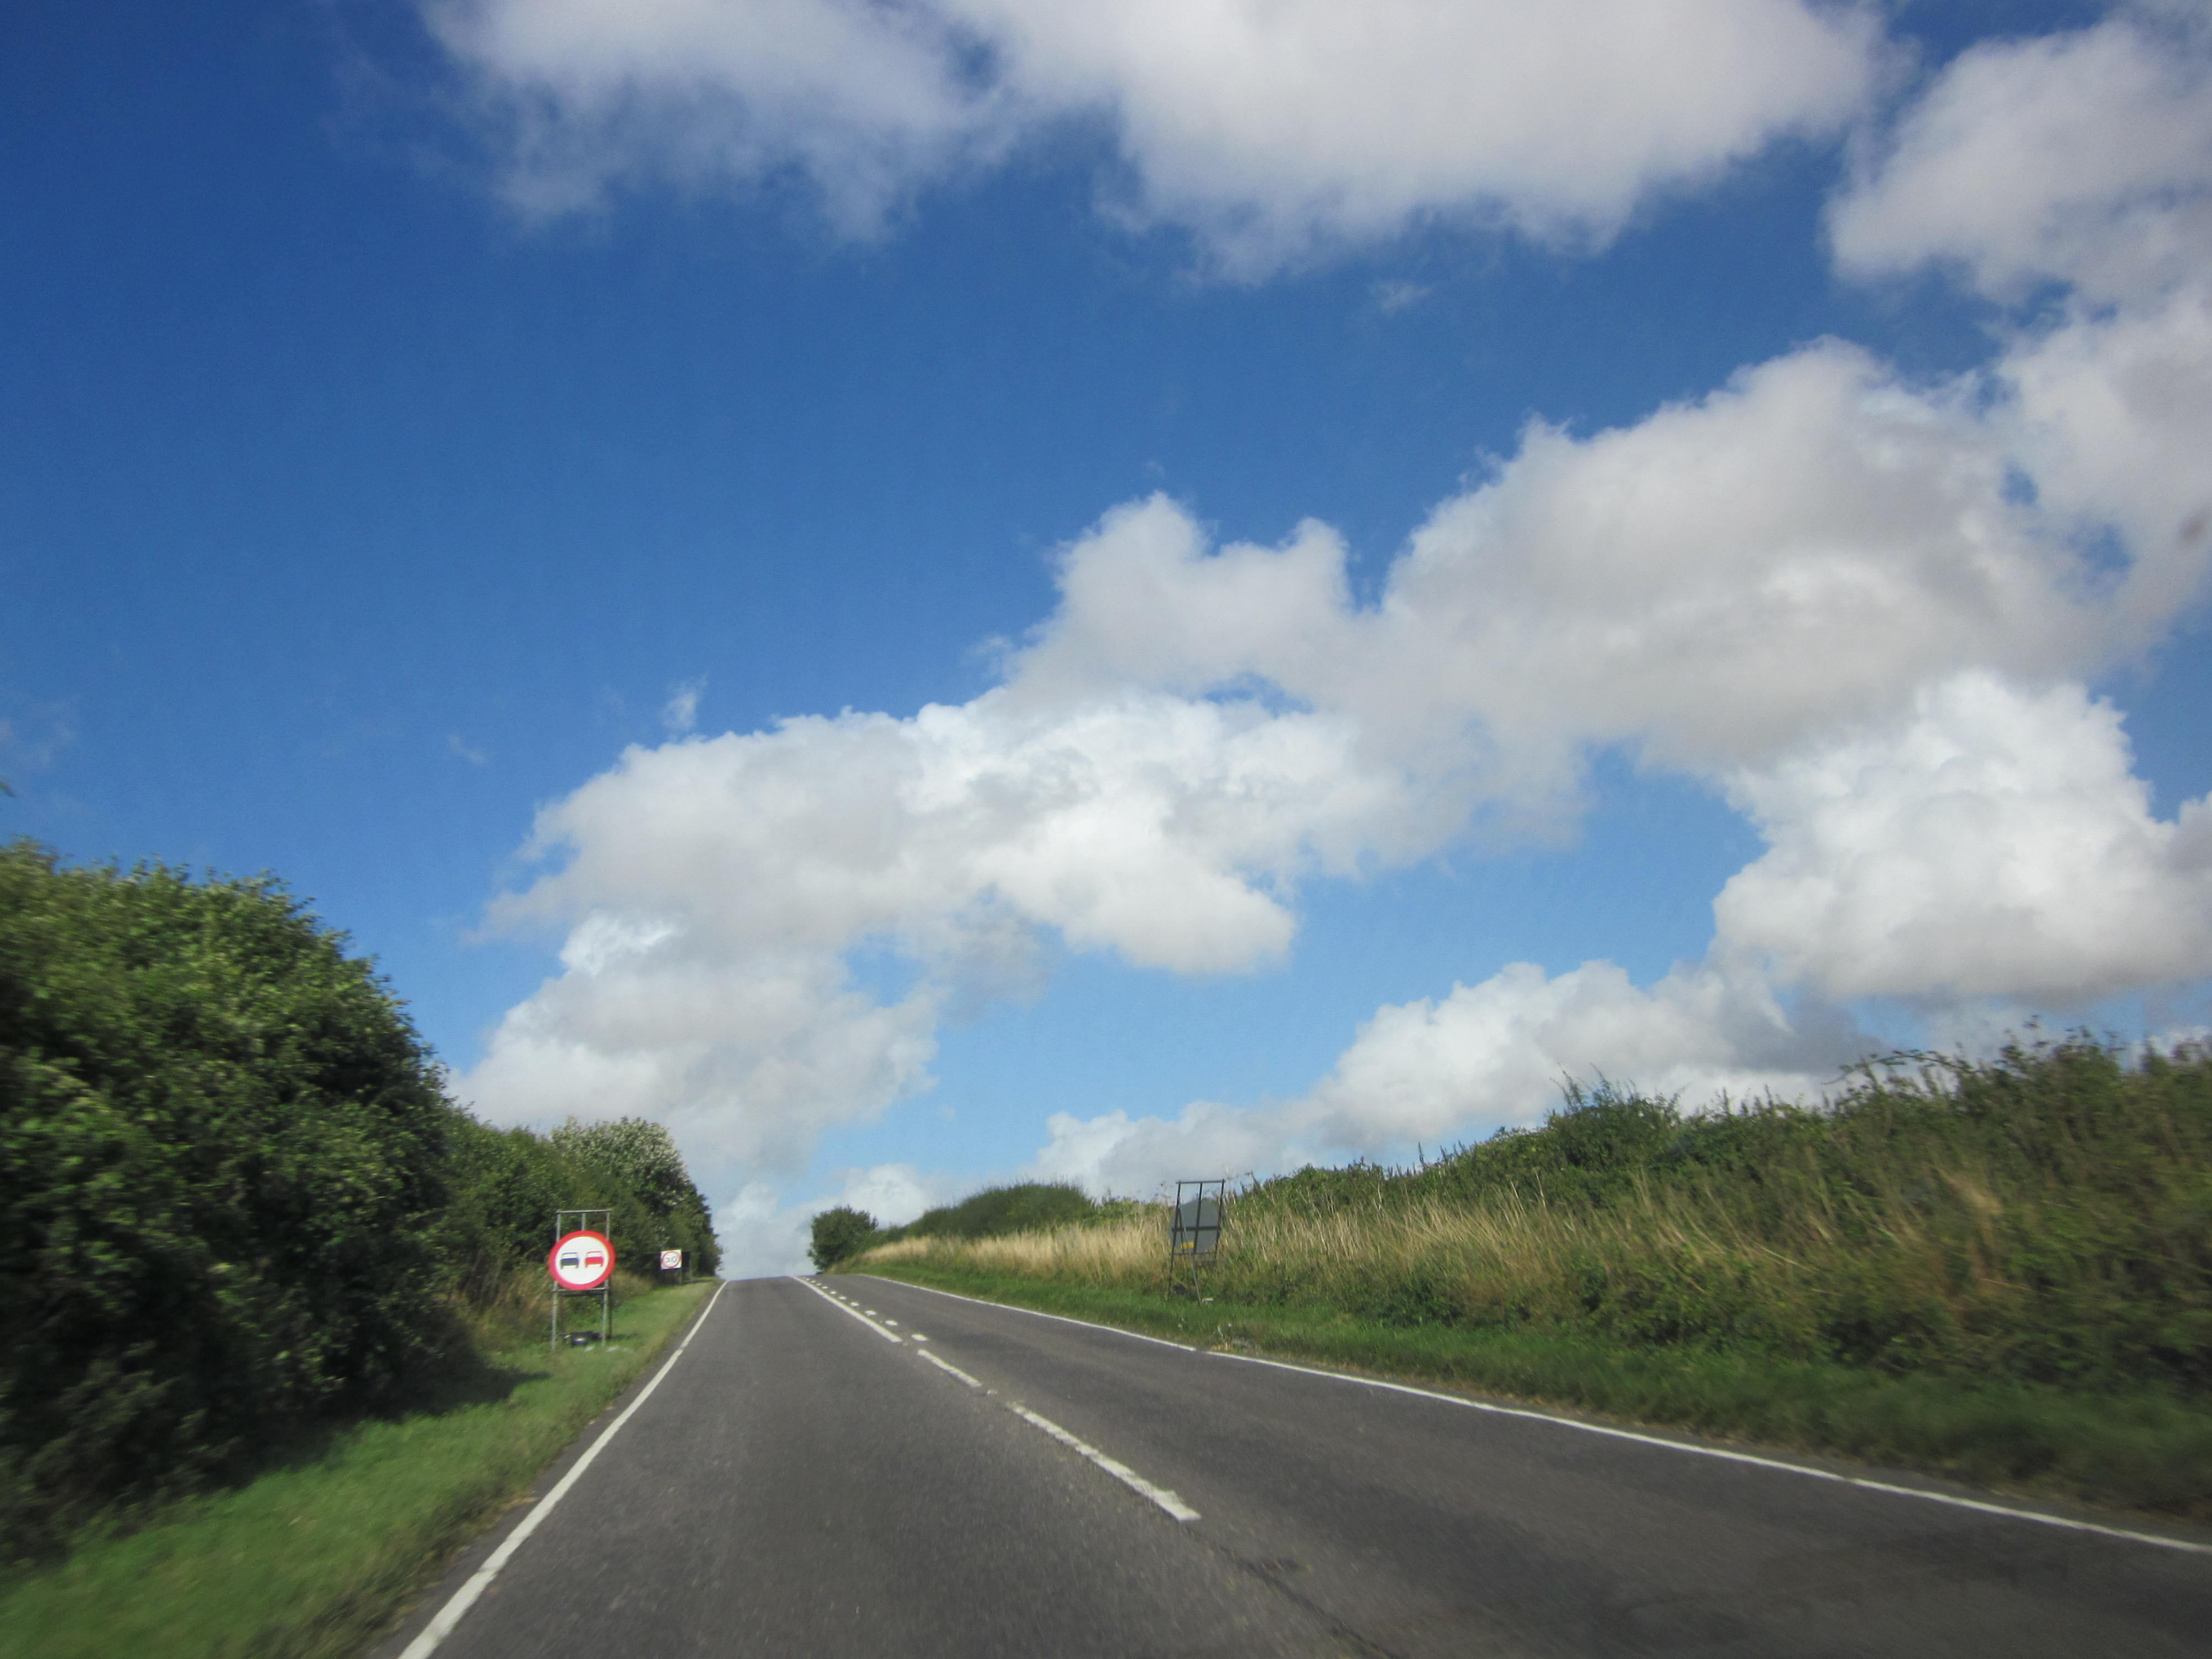 linksverkehr england schottland irland wales großbritannien vereinigtes königreich mietwagen jean above the clouds